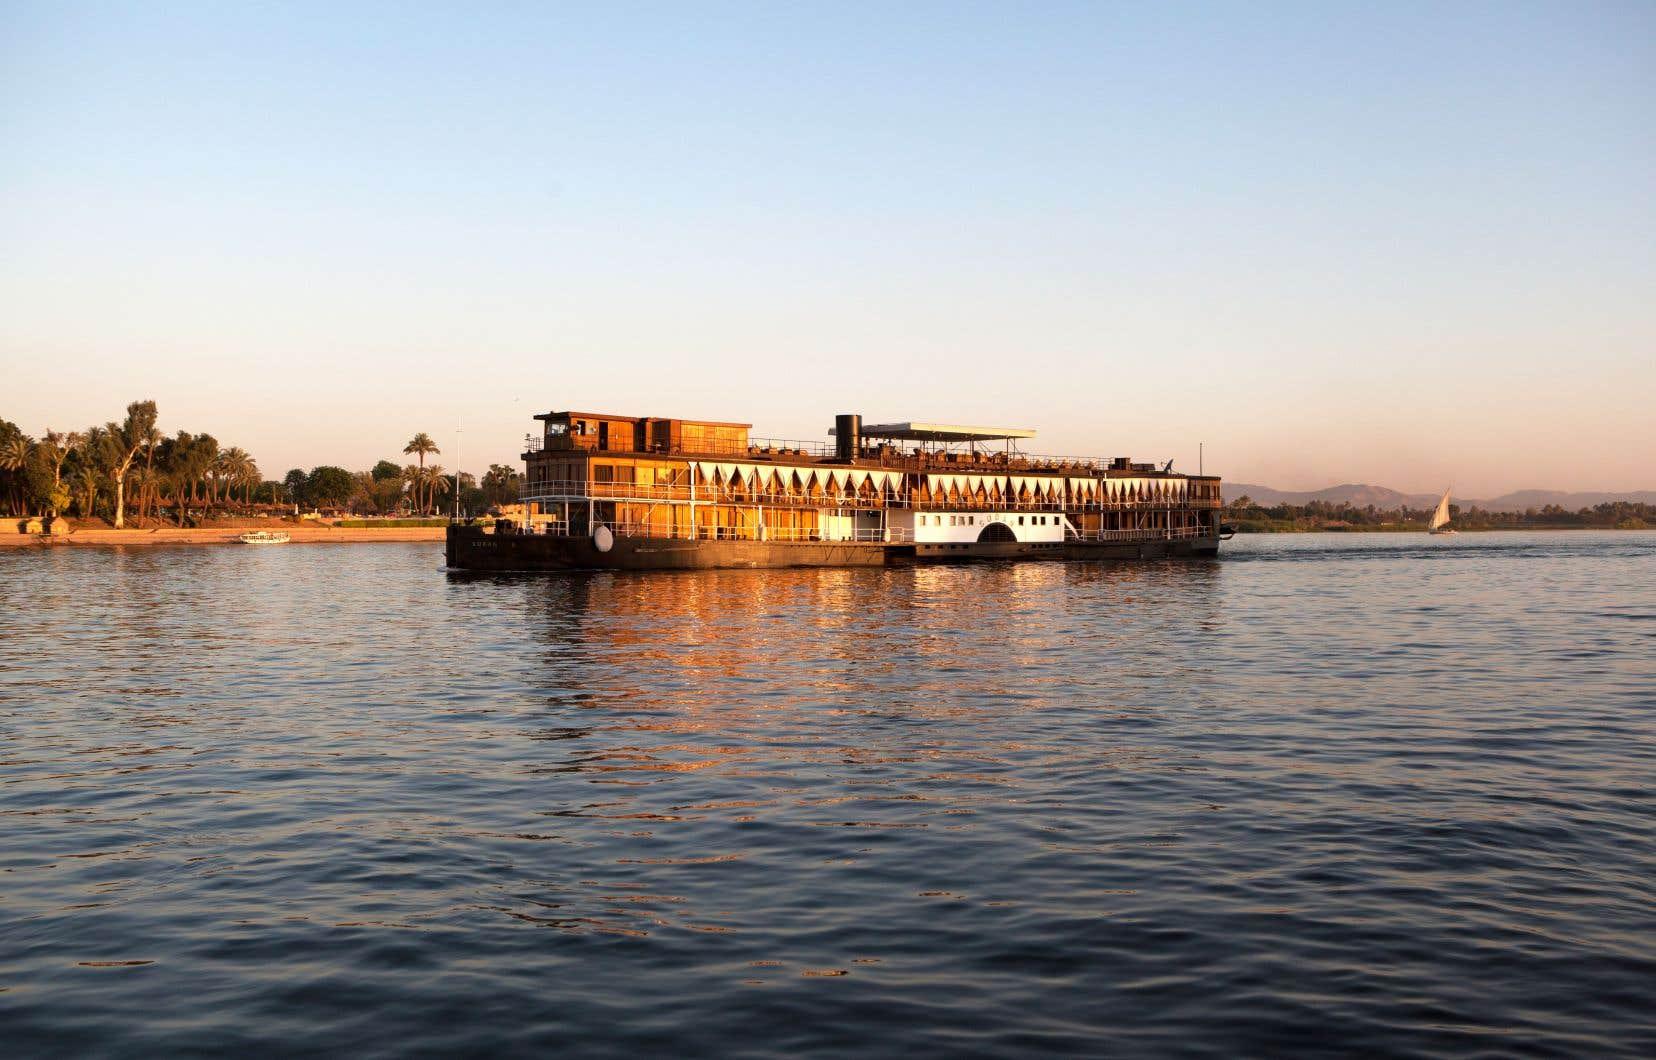 Ce bateau aux boiseries chaleureuses de teck, qui, sous l'effet du chaud soleil d'Égypte, parfume l'air des cires d'antan, nous transporte à une autre époque.